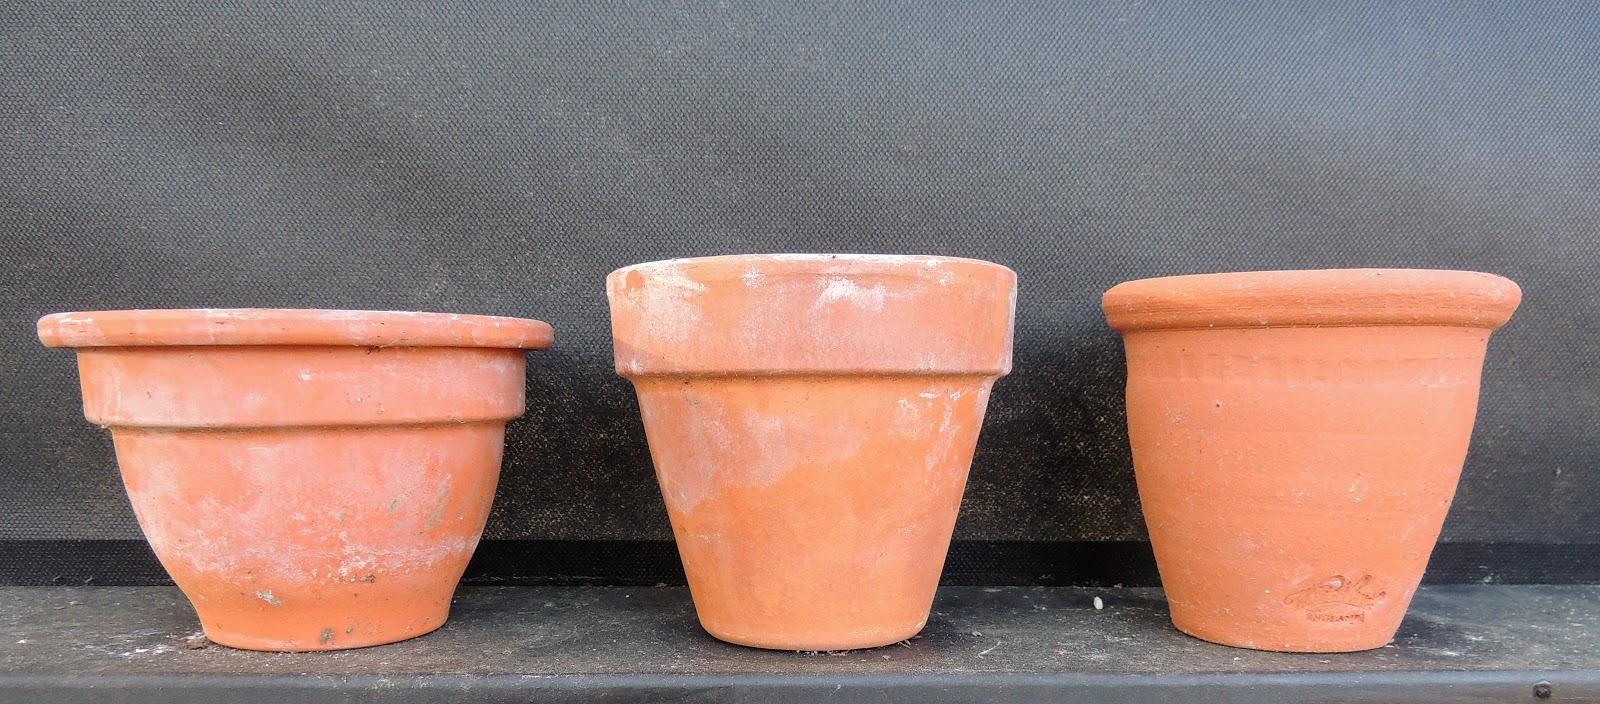 Clay Versus Plastic Pots